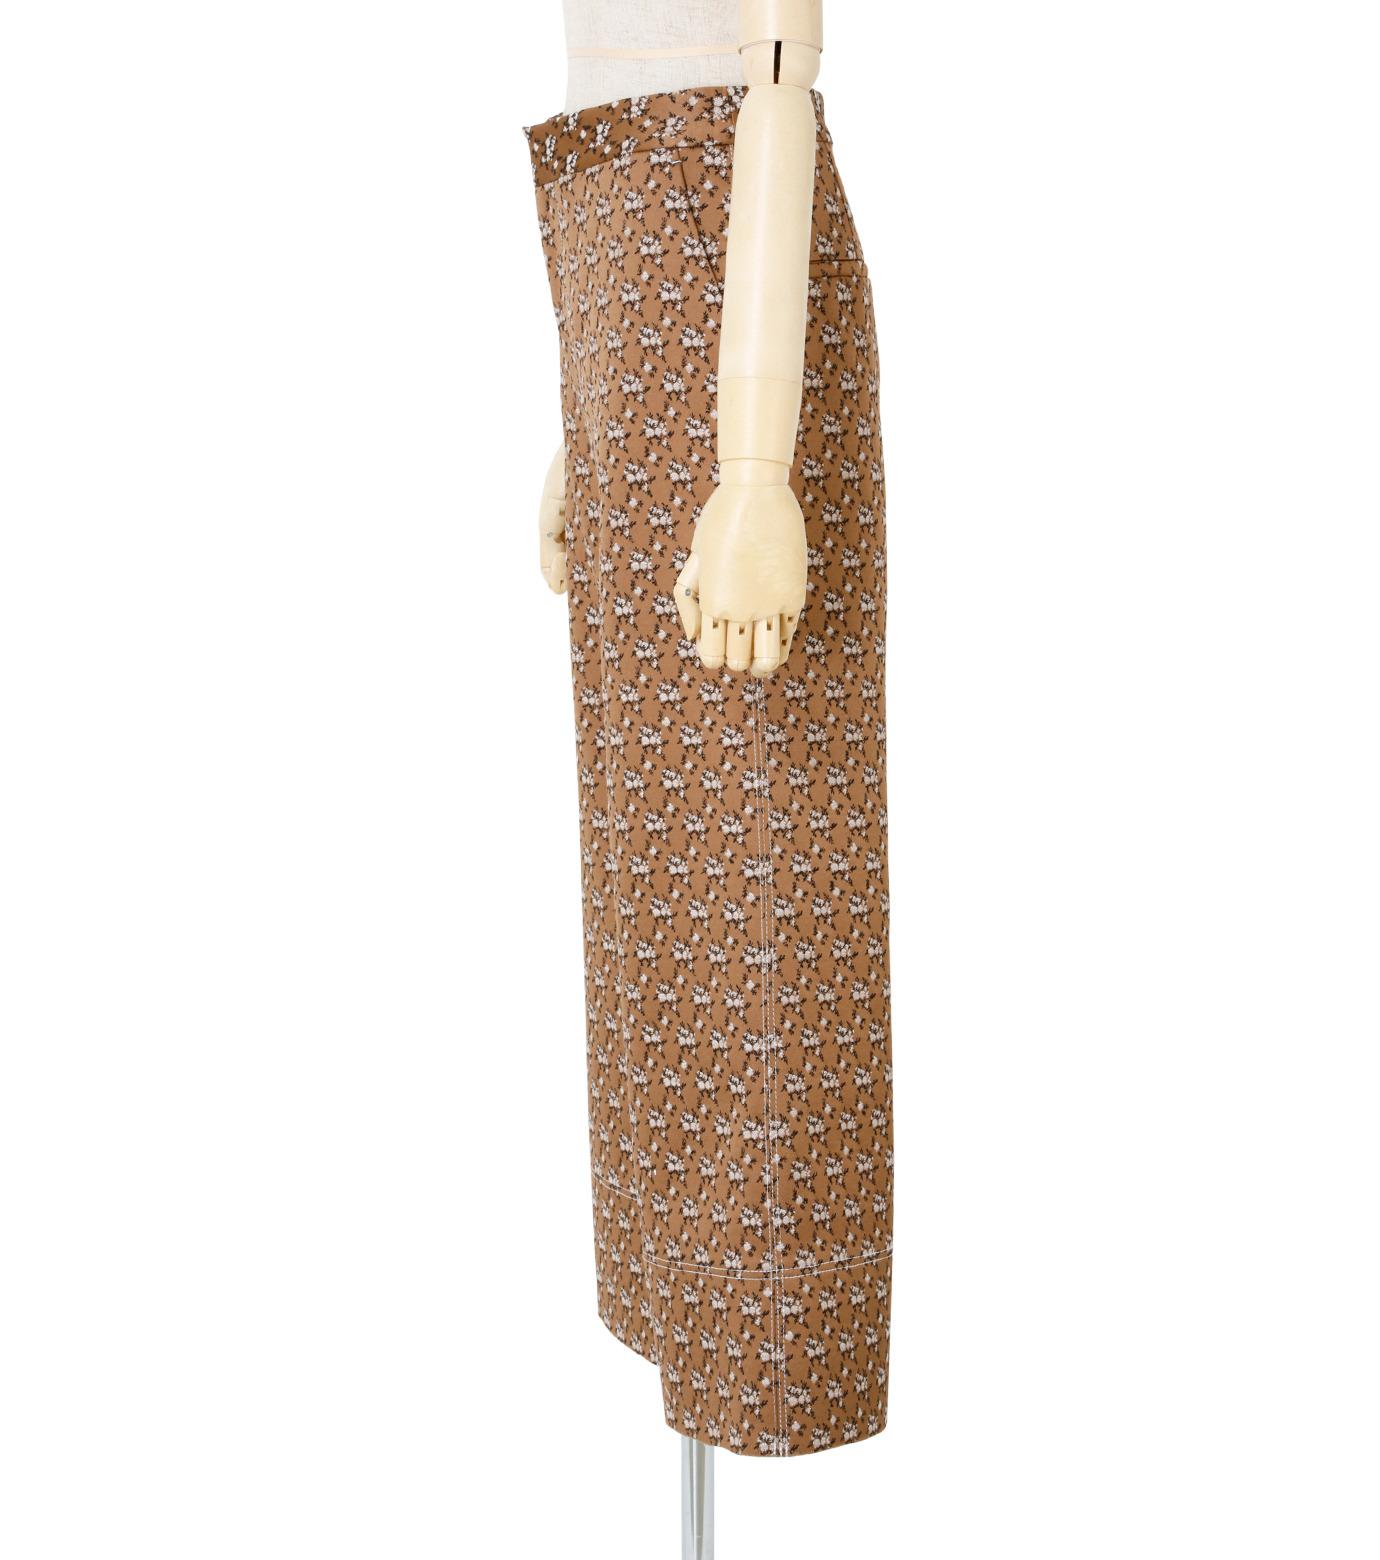 IRENE(アイレネ)のフラワーサテンパンツ-BROWN(パンツ/pants)-19S88001 拡大詳細画像2